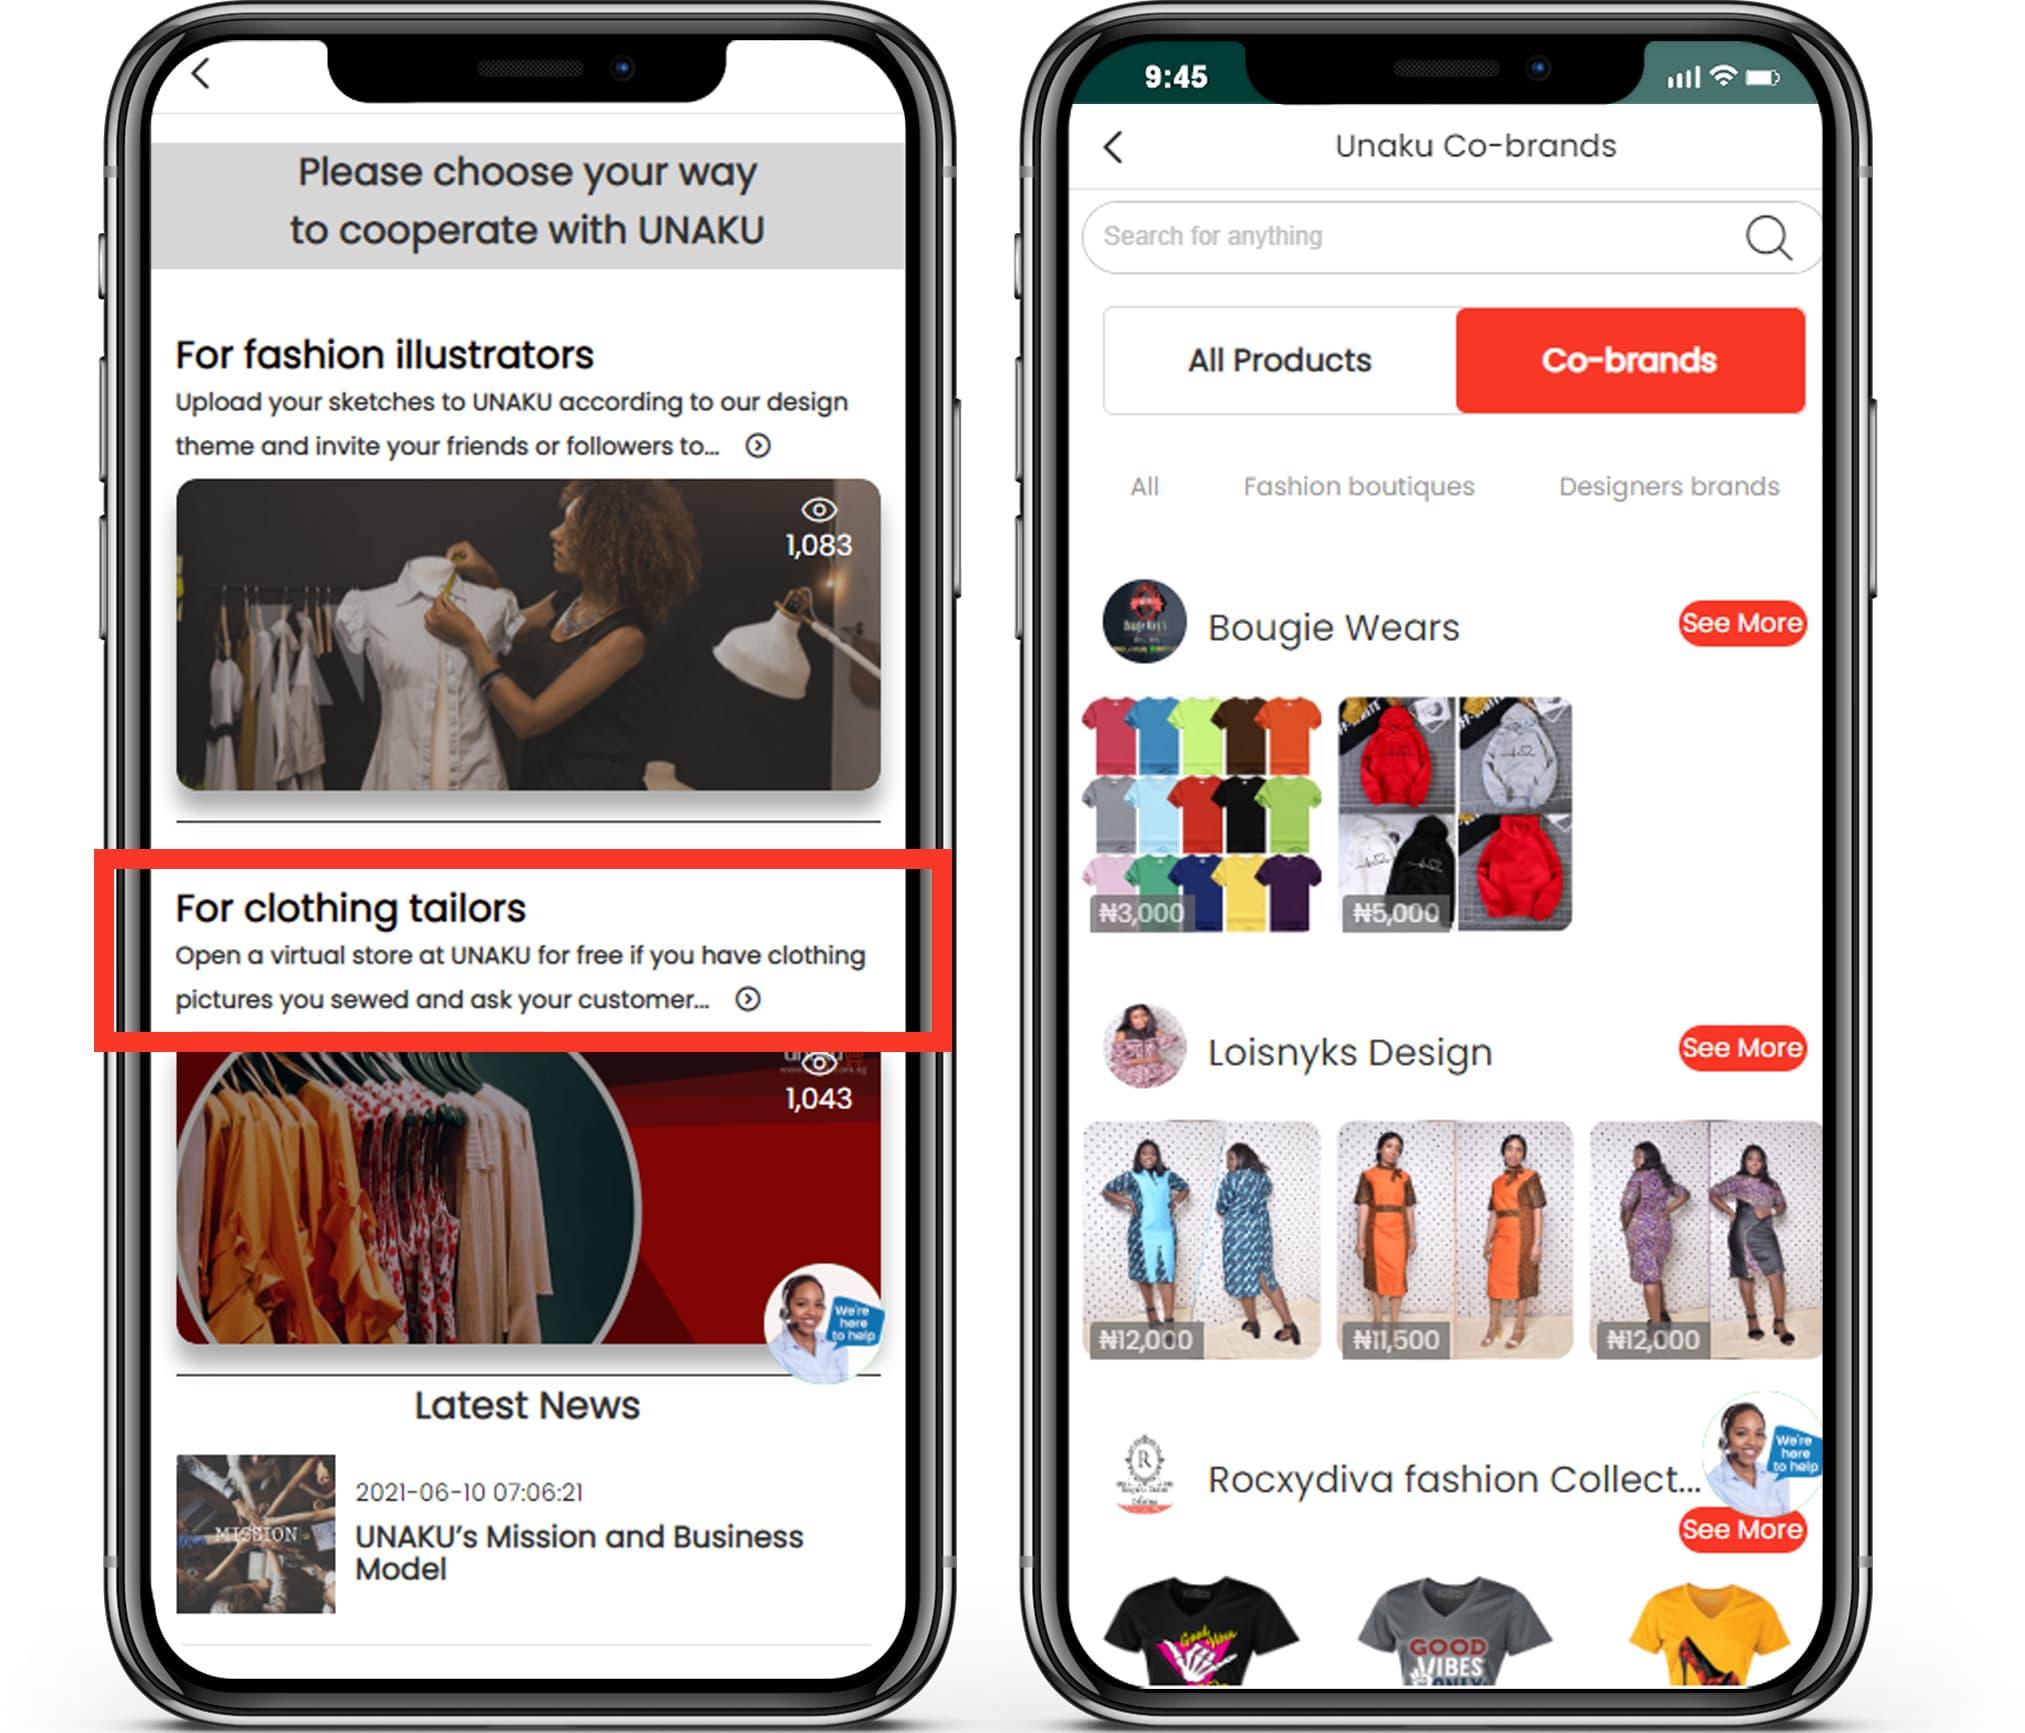 插图5 设计师申请界面,就是点开clothing designer, 加 店铺列表界面,都是衣服 (1).jpg